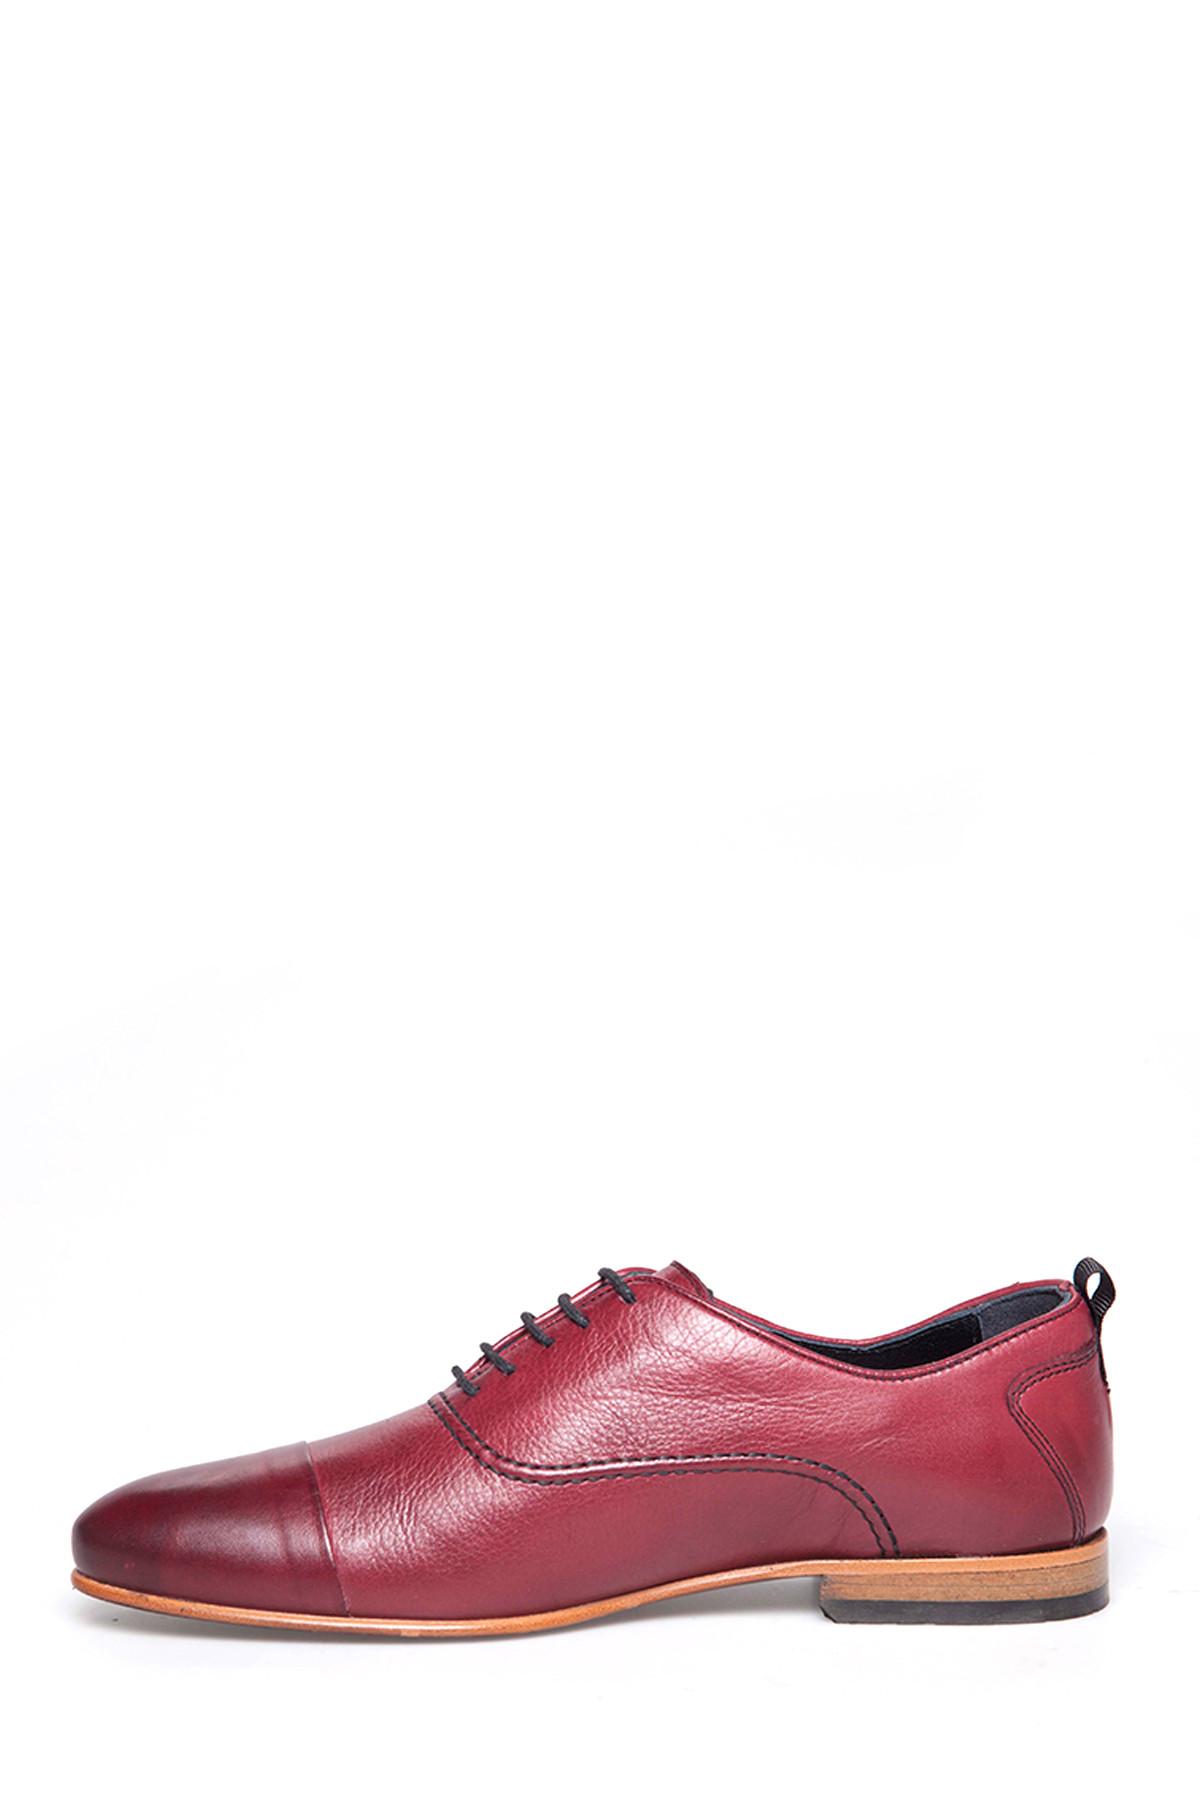 TETRİ Bordo Erkek Ayakkabı 3S811886143 2